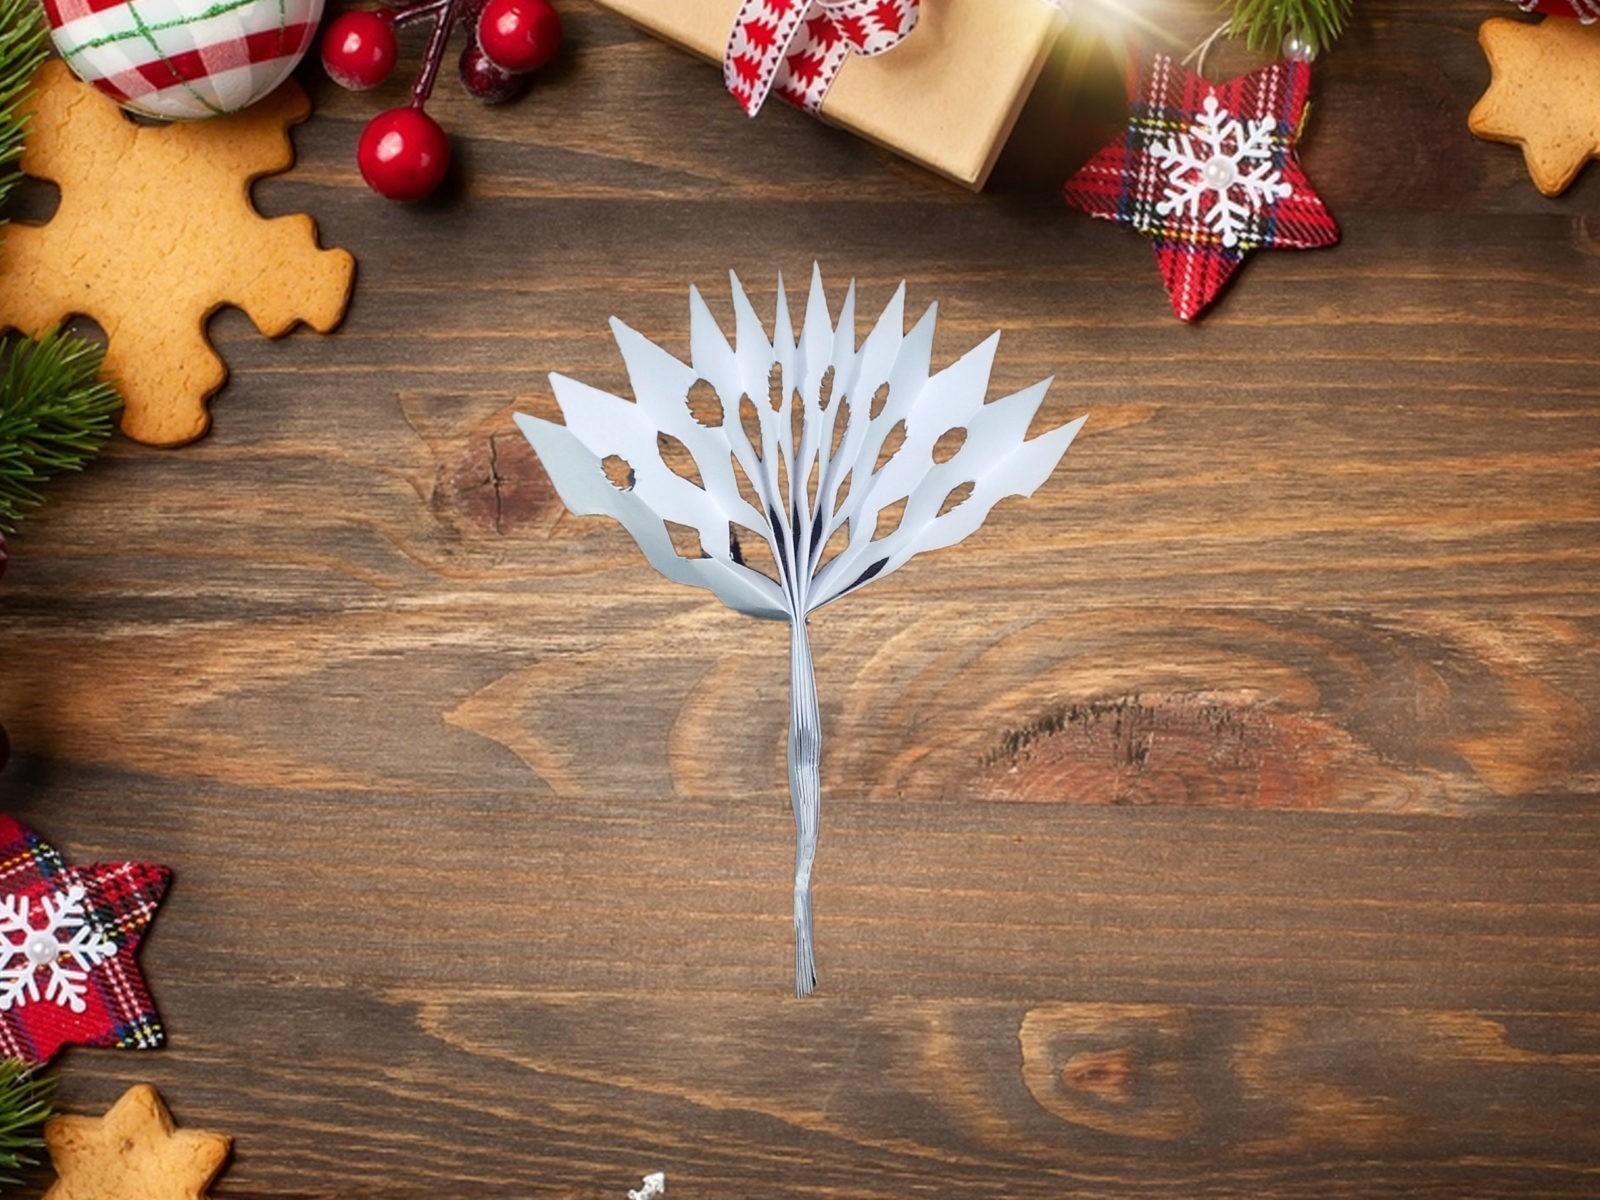 Даже при отсутствии снега за окном на Новый год особую атмосферу в доме помогут создать бумажные снежинки. Они бывают очень разными, а чтобы сделать объемную снежинку из бумаги, нужно сложить лист гармошкой, вырезать узор и расправить каждый полукруг. Материалы: • лист белой бумаги А4; • степлер; • ножницы маникюрные. Инструкции к работе Располагаем лист офисной бумаги А4 вертикально. Складываем его гармошкой. Общая ширина чуть больше 1 см. Фото 3. Теперь необходимо сложить нашу заготовку ровно пополам. Так мы наметим середину. В этом месте скрепляем гармошку степлером. Скрепка должна быть расположена поперек бумажной полоски. Фото 4. При помощи ножниц вырезаем с двух сторон на заготовке узор. Фото 5. Расправляем бумагу. Соединяем концы заготовки до образования круга. Концы скрепляем между собой степлером. Фото 6. Такую снежинку можно сделать еще больше. Для этого просто делаем вторую заготовку (аналогичную первой). Затем их необходимо расправить до формы полукруга, а затем скрепить вместе. А если взять цветную бумагу, например, голубую, получатся красивые разноцветные снежинки. Ими можно просто, но эффектно, декорировать как елку, так и офис или квартиру -5